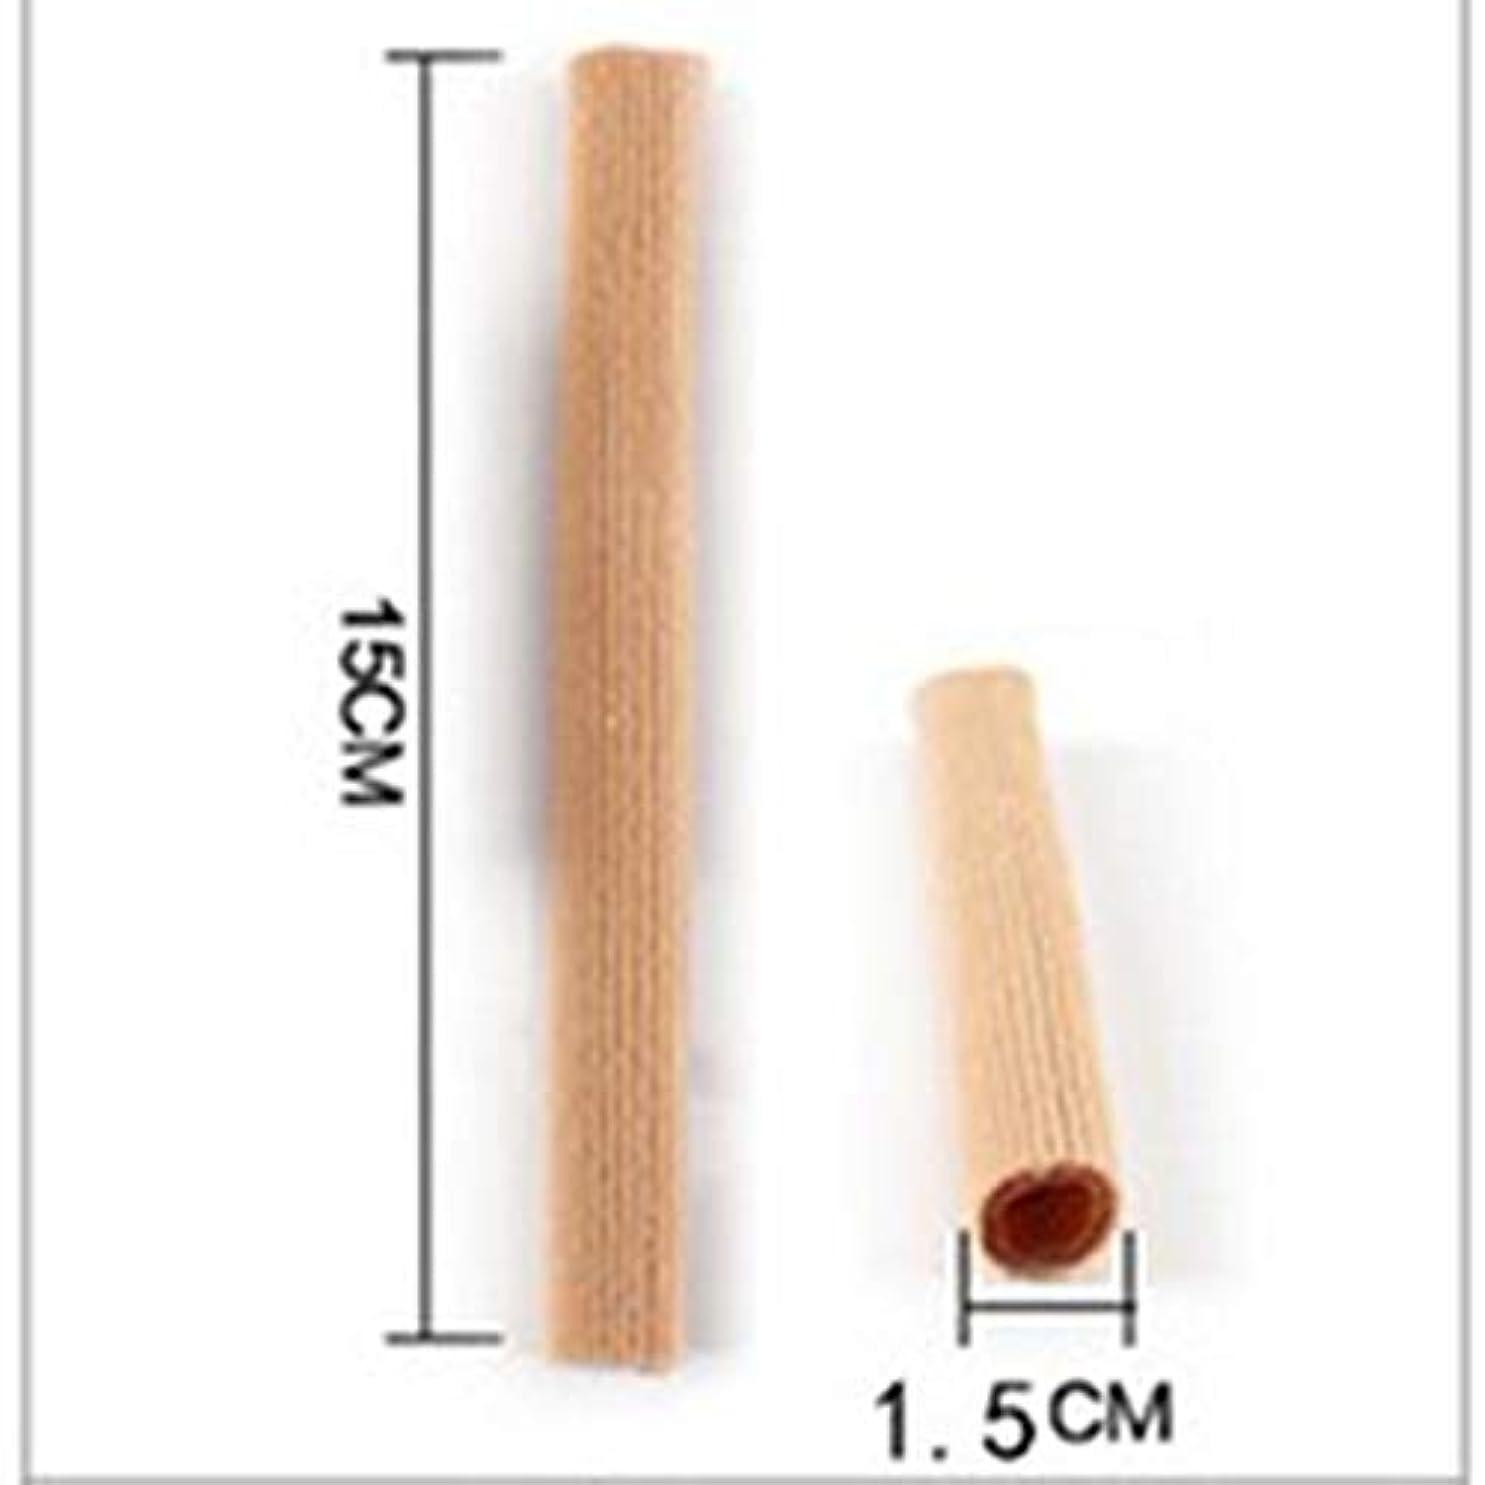 副欠乏ほのめかすOpen Toe Tubes Gel Lined Fabric Sleeve Protectors To Prevent Corns, Calluses And Blisters While Softening And...